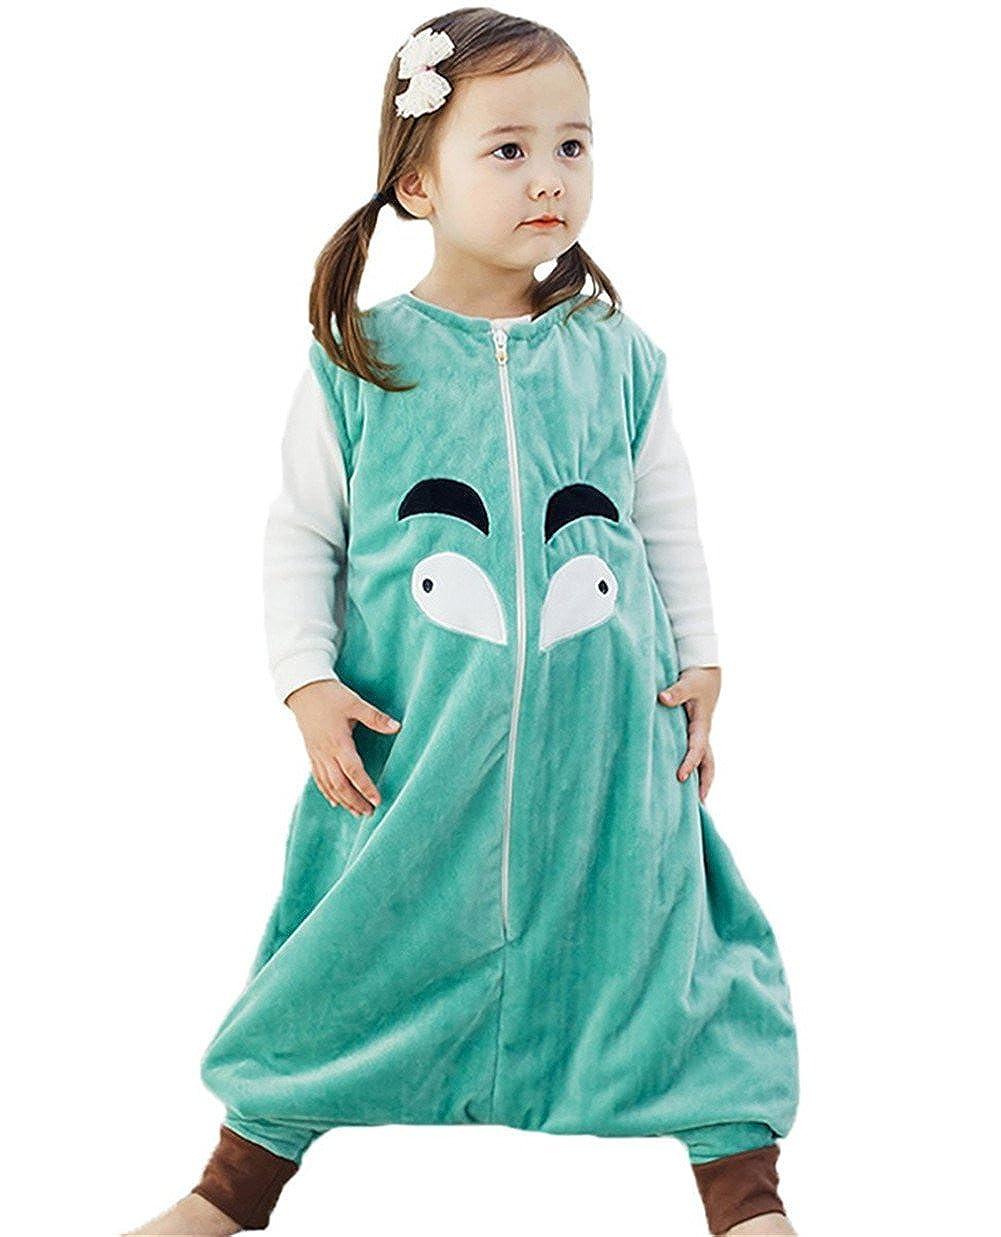 Ruiying Kleinkind Kids 1-7Y Sleep and Play-Blanket Schlafsack Cotton Jumpsuits Overall Bauwolle nachtwä sche Unisex Schlafanzug Jungen Mä dchen (M(3-5 Jahre), Grü n)